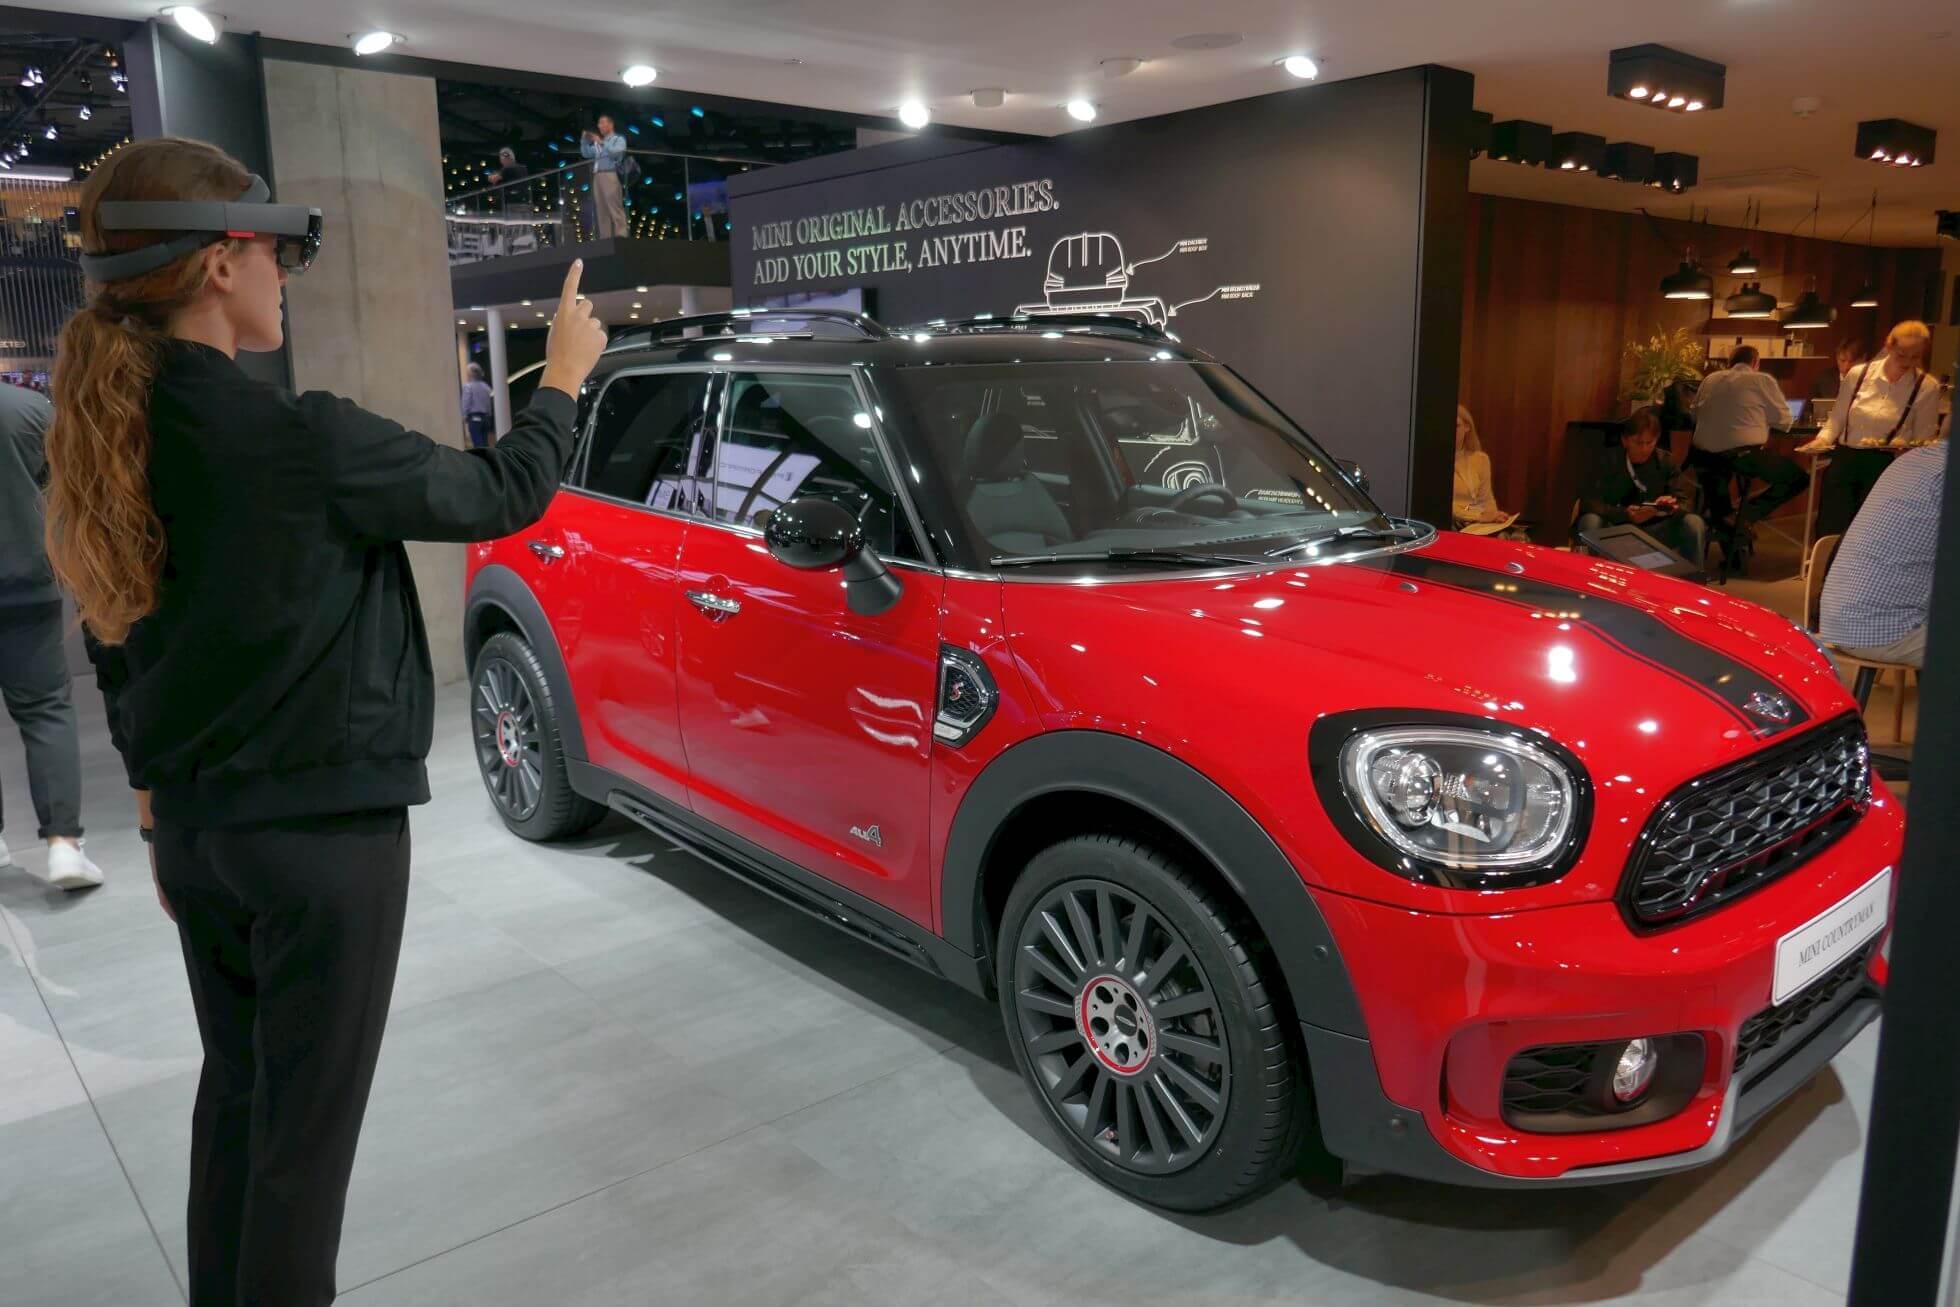 Sonderausstattungen lassen sich bei Mini mit der Hololens auf das eigene Fahrzeug anpassen.